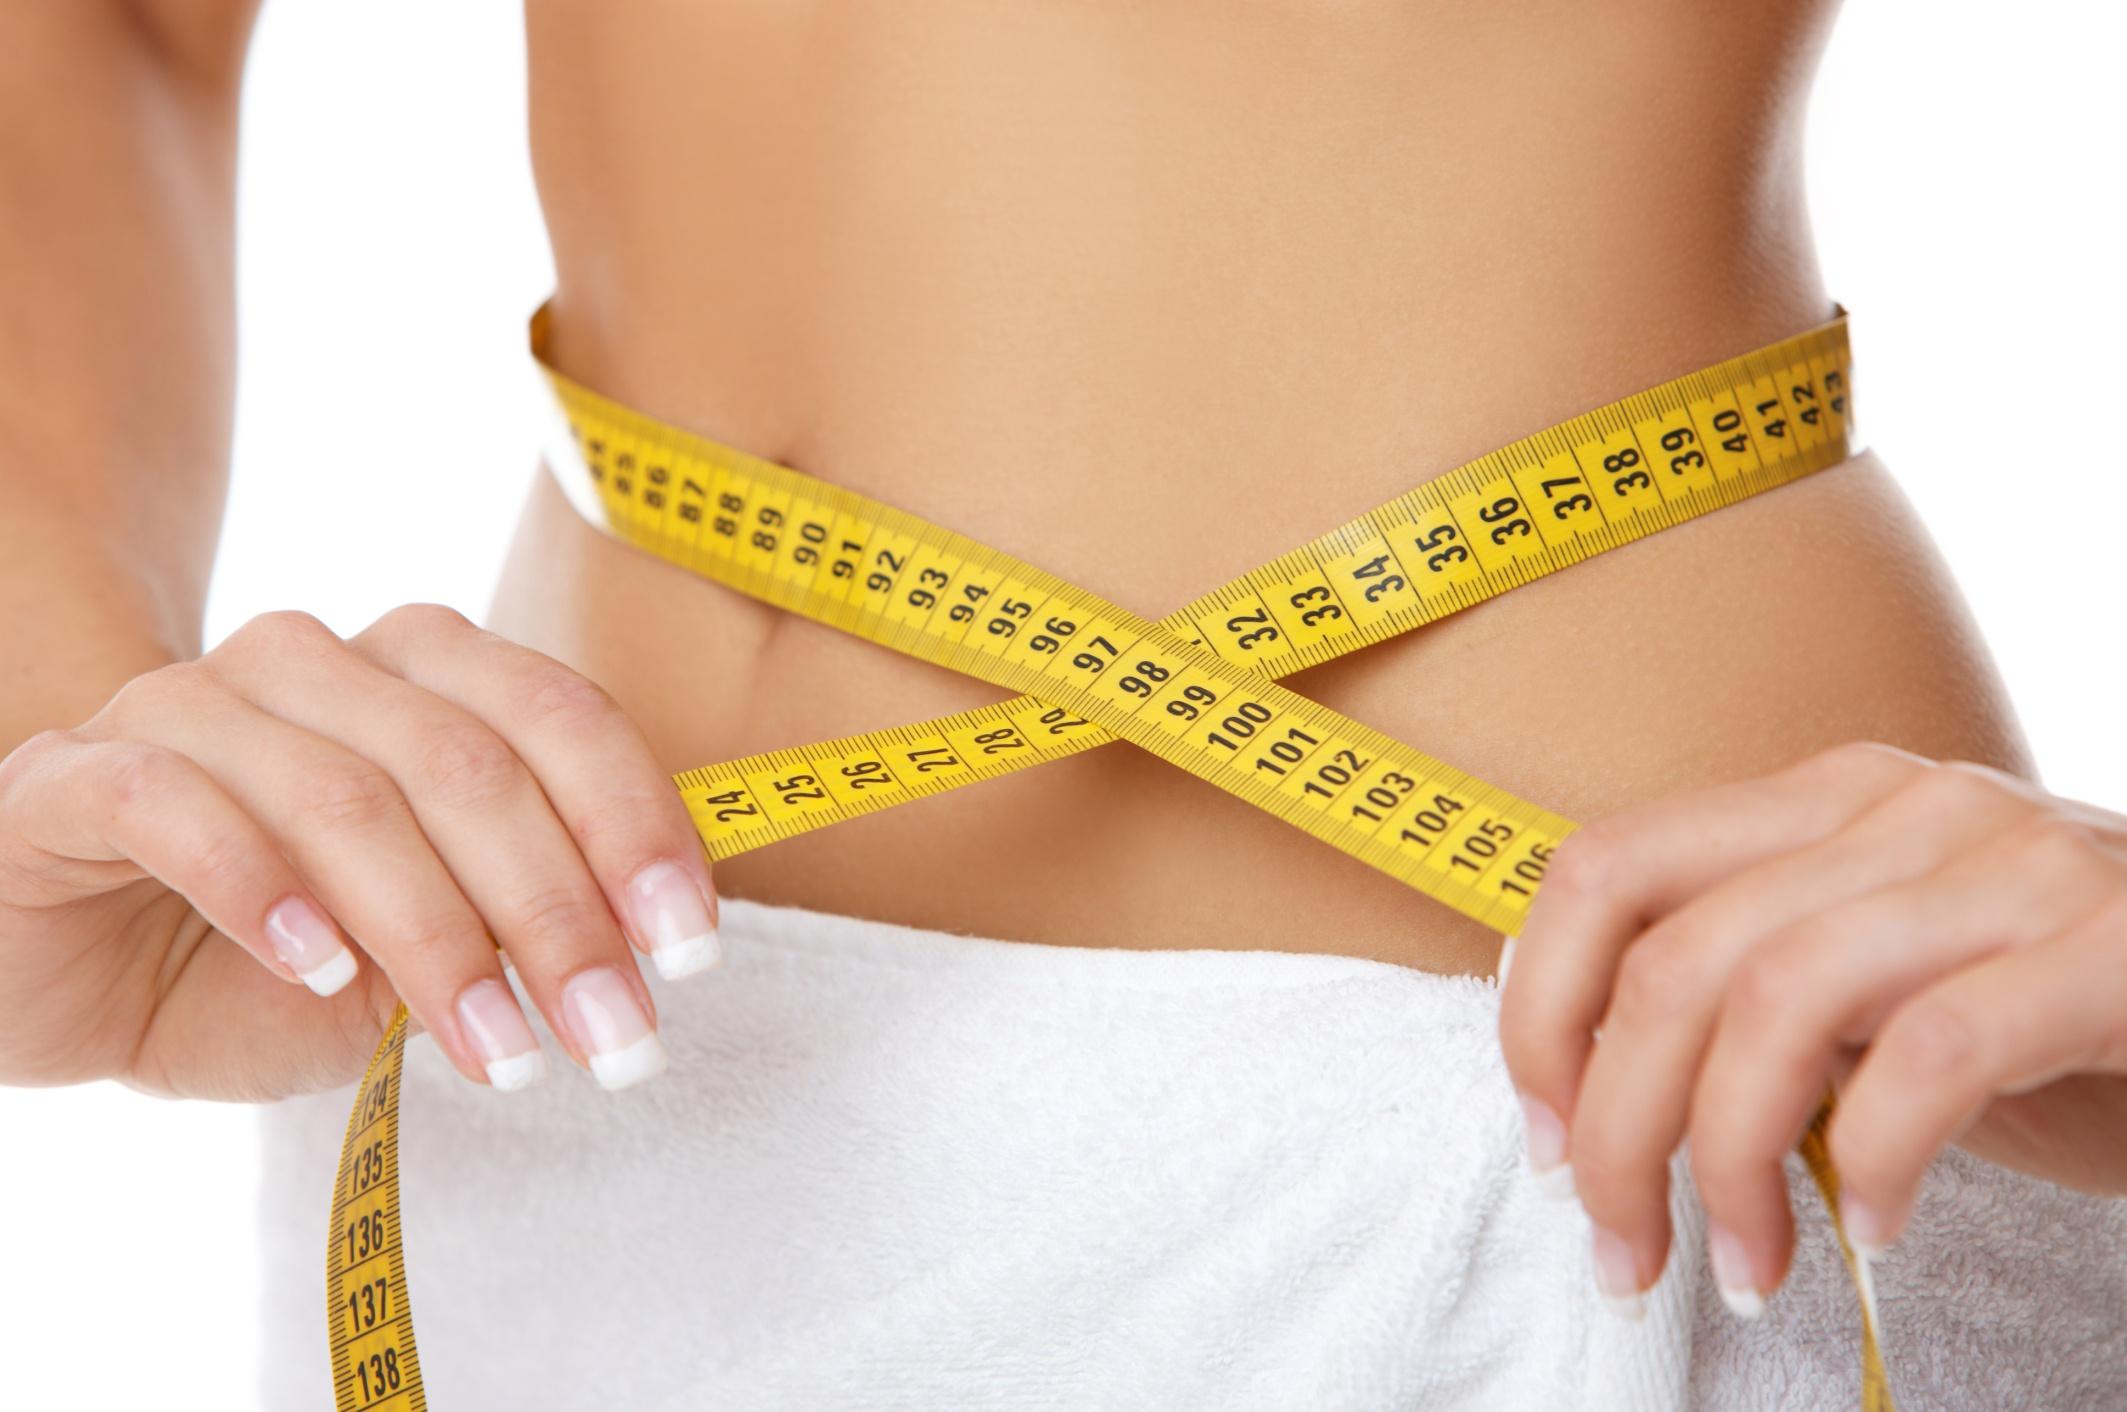 3.giảm cân mãi vẫn không thành công vì thường xuyên tiêu thụ 5 loại thực phẩm sau1